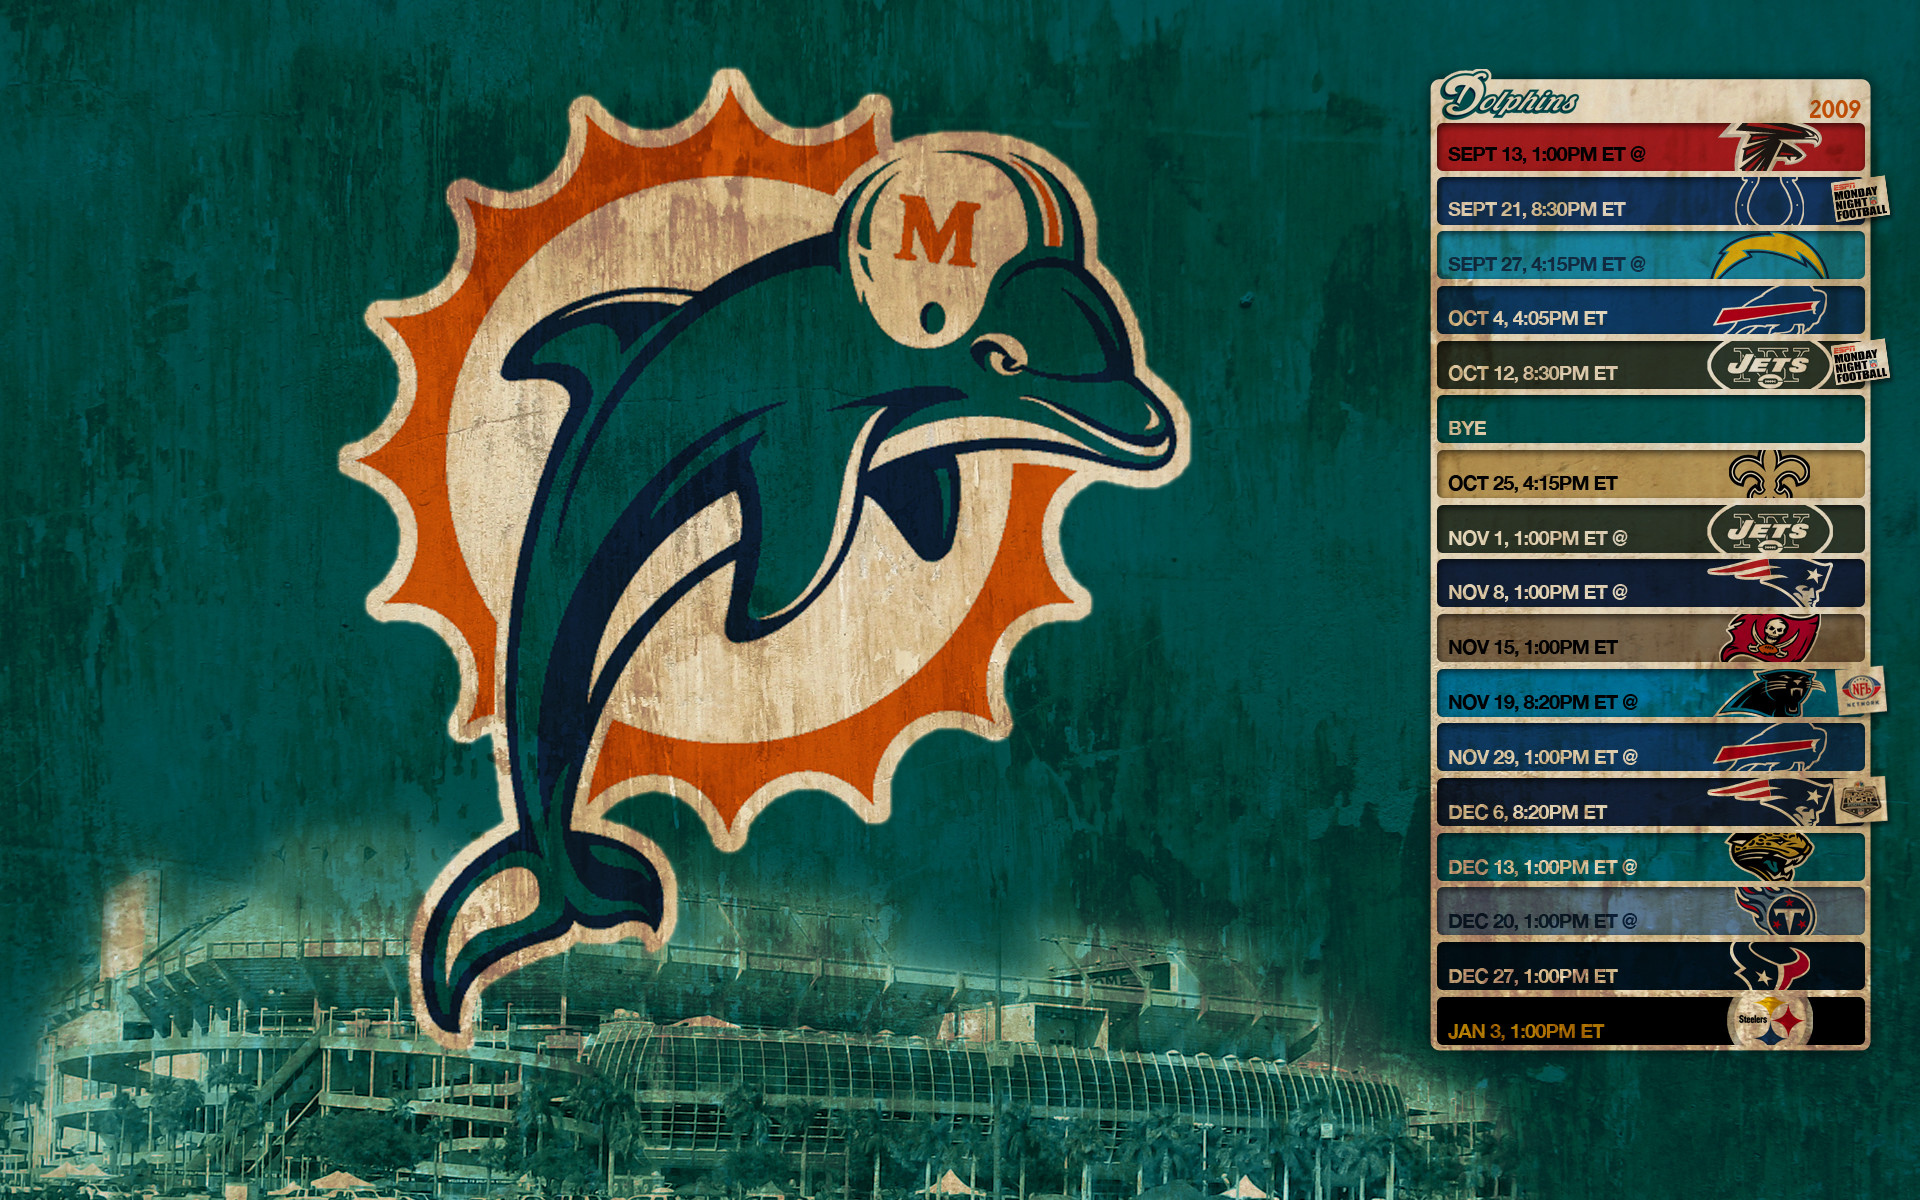 Wallpaper Set 8 (Sports) (NFL MegaPack 1)